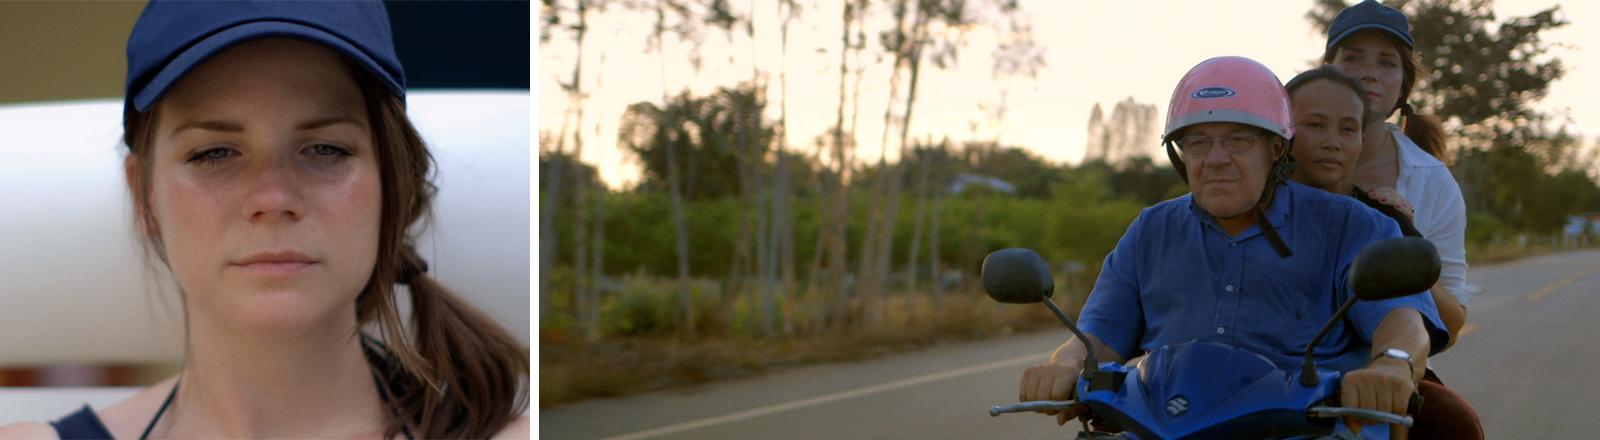 Carolin Genreith reist mit ihrem Vater nach Thailand, um seine Frau kennenzulernen.